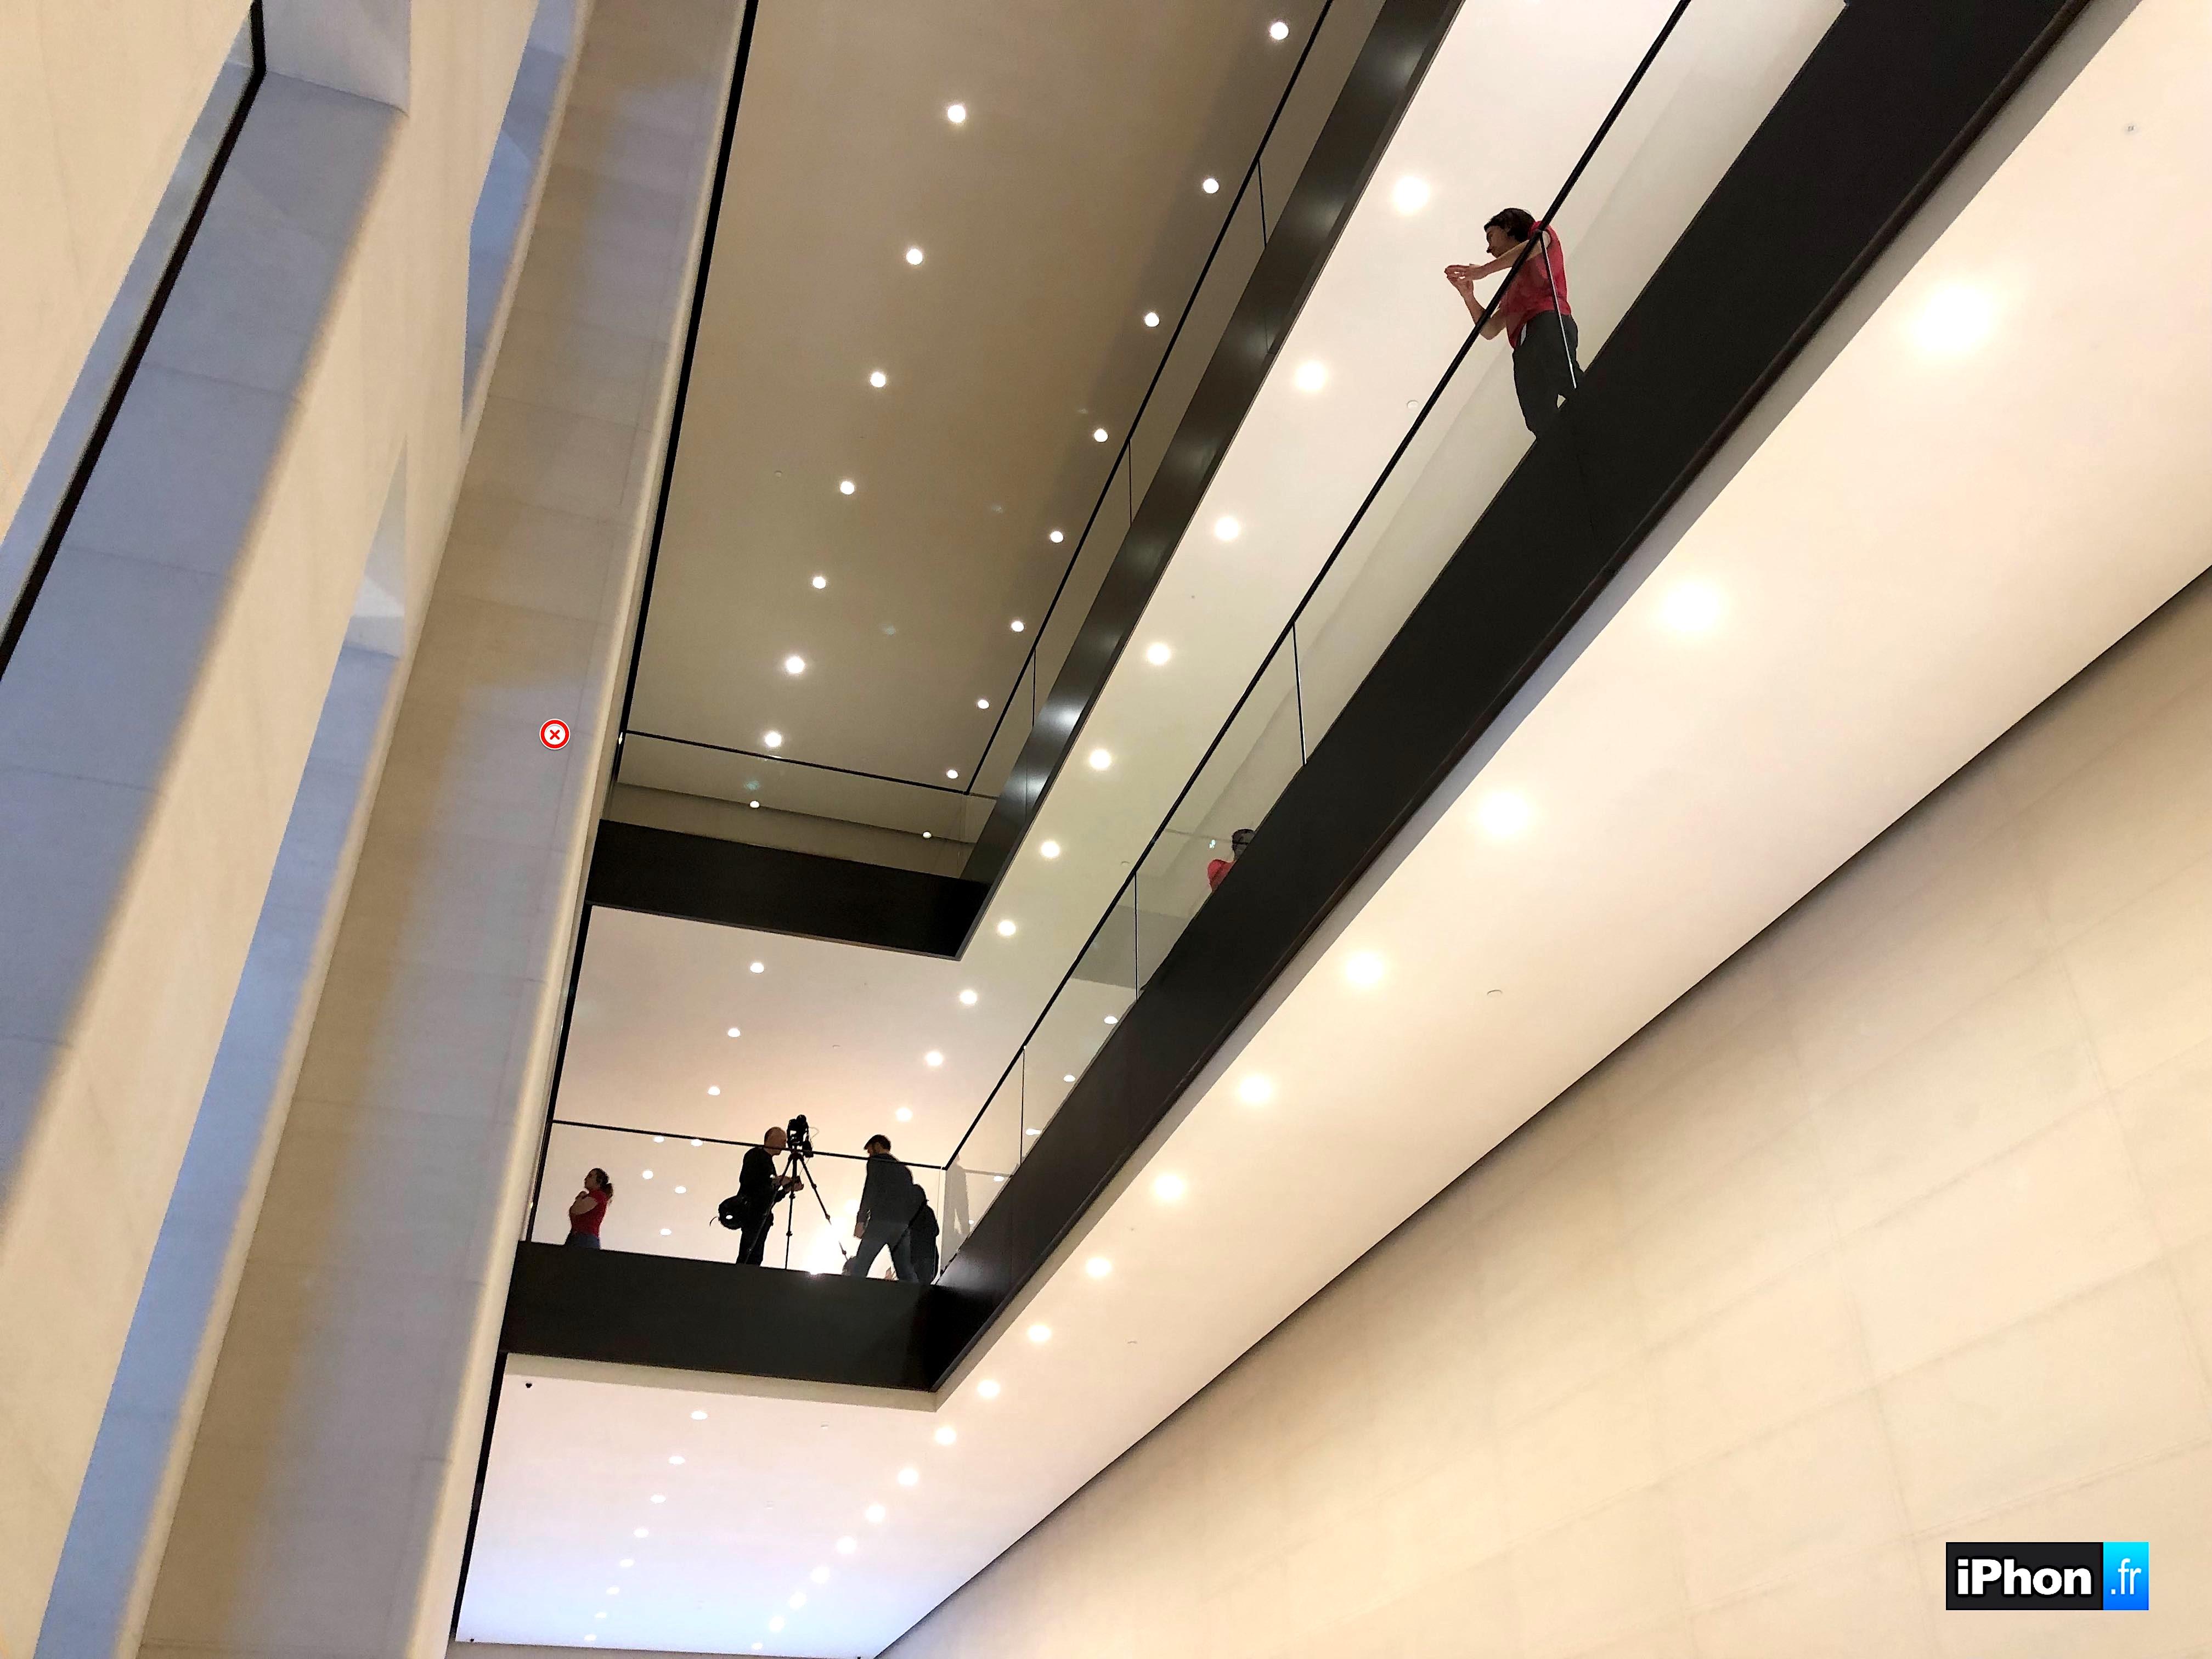 Visitez le nouvel Apple Store des Champs-Elysées avant son ouverture en vidéo 1